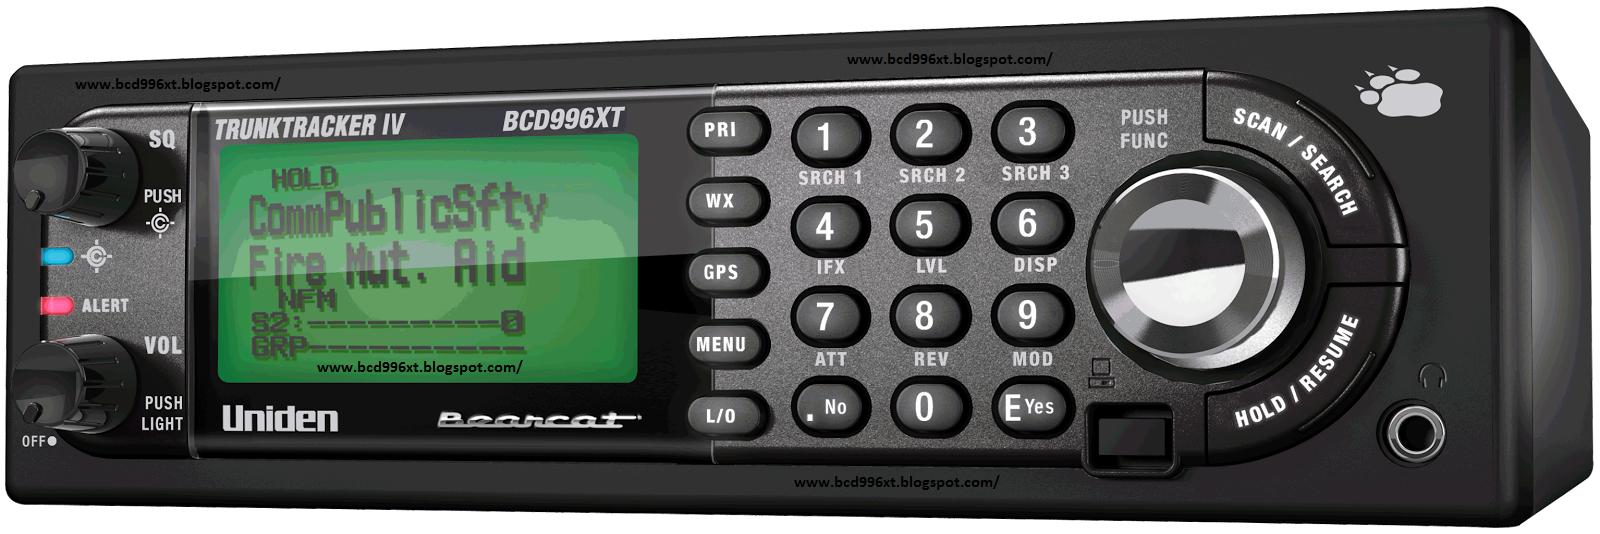 UNIDEN BCD996XT: Uniden BCD996XT Firmware Revision Notes 1 07 03